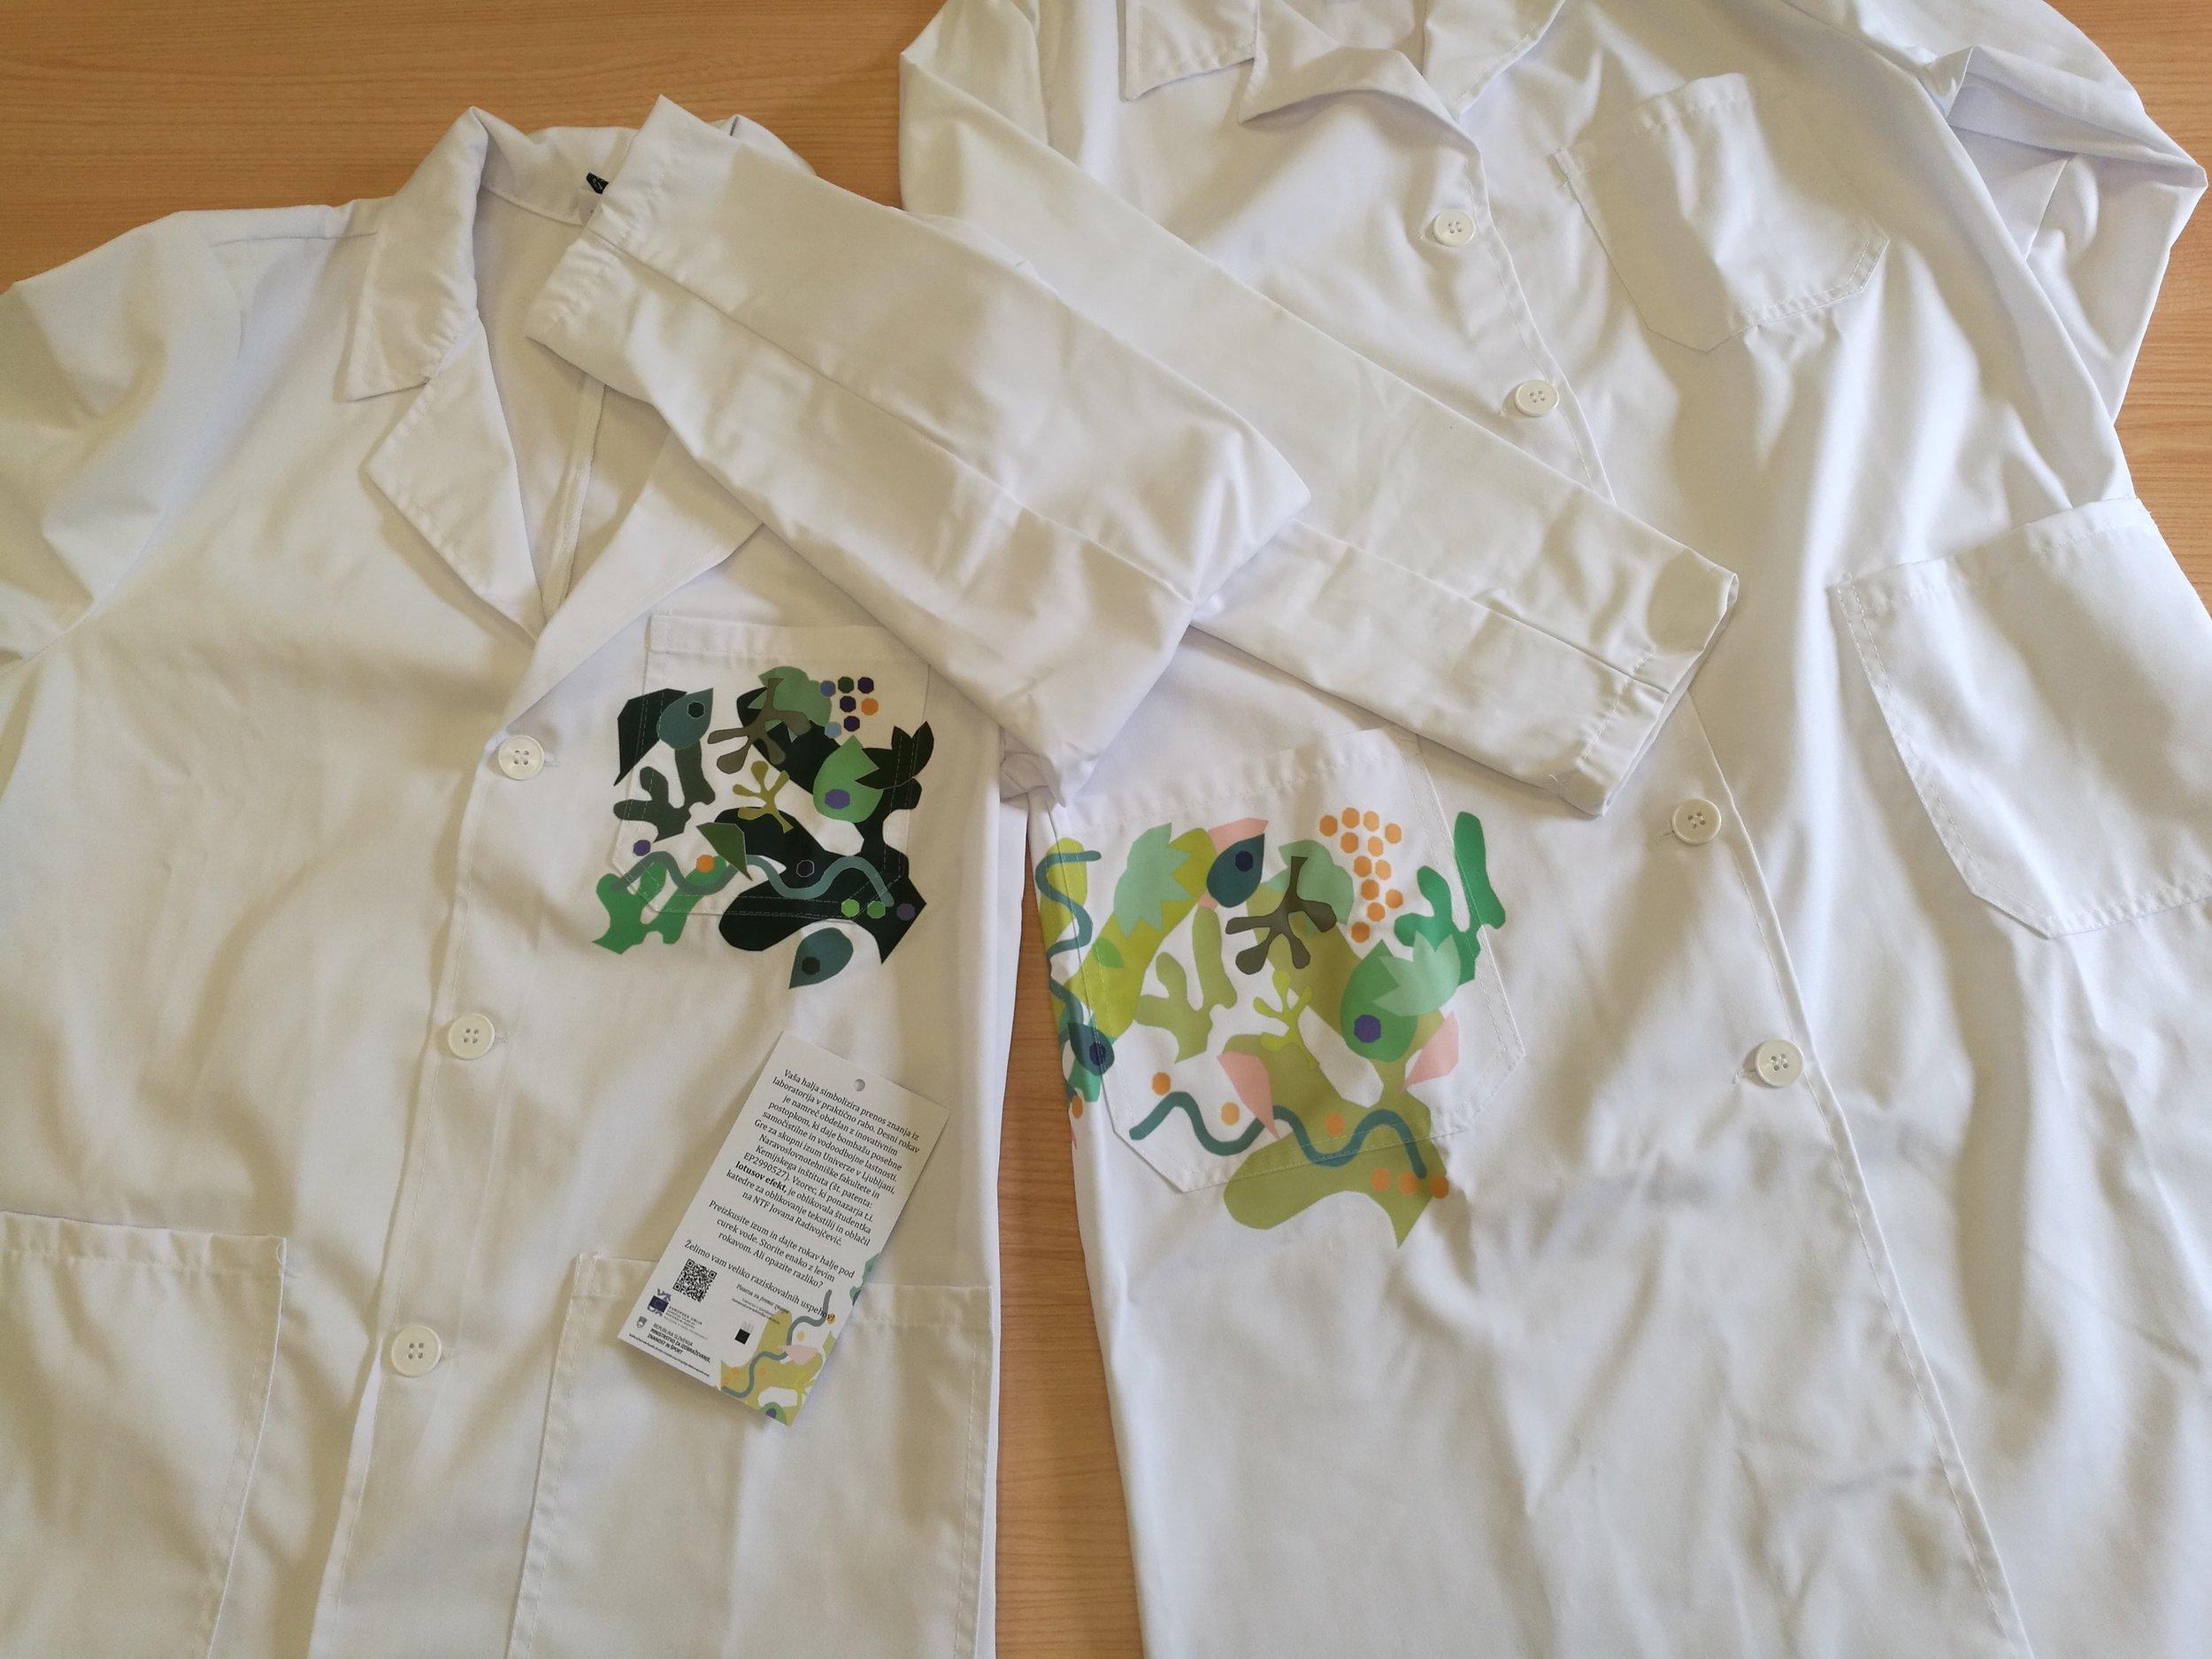 Super halja  je obdelana s postopkom, poimenovanim »lotusov efekt«, ki je skupni izum Univerze v Ljubljani